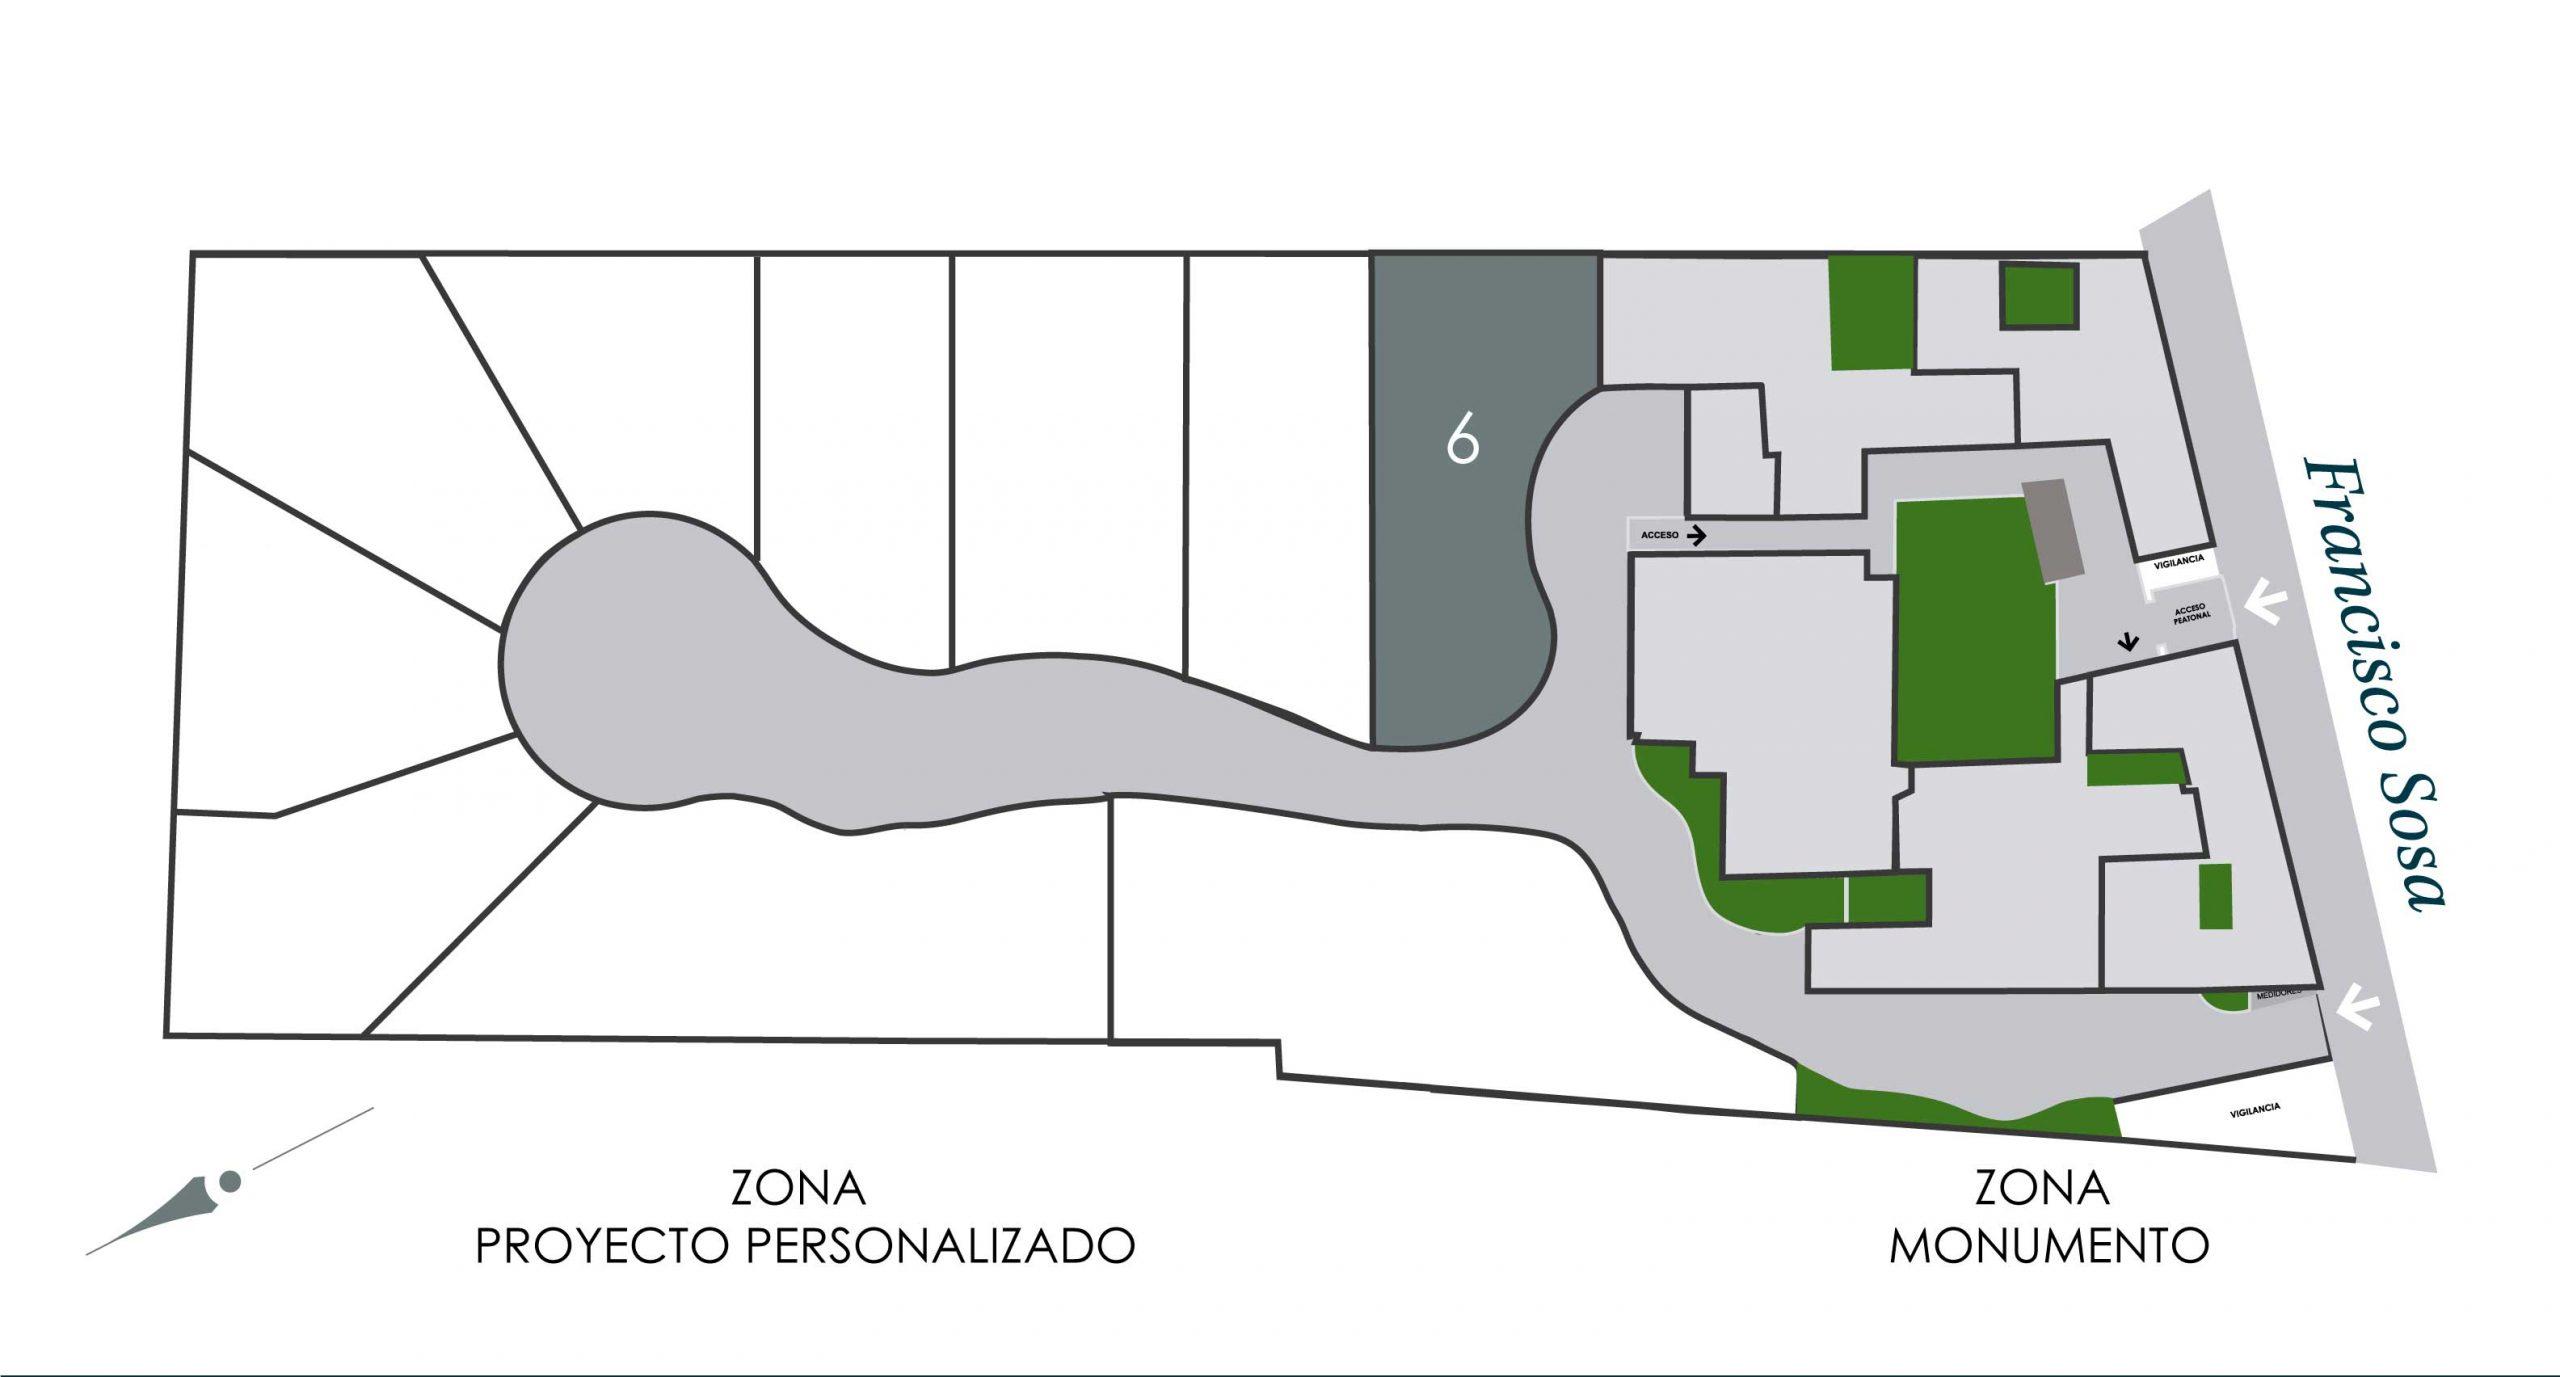 casa en venta en Coyoacán $40.6 mdp Francisco Sosa Mexihom